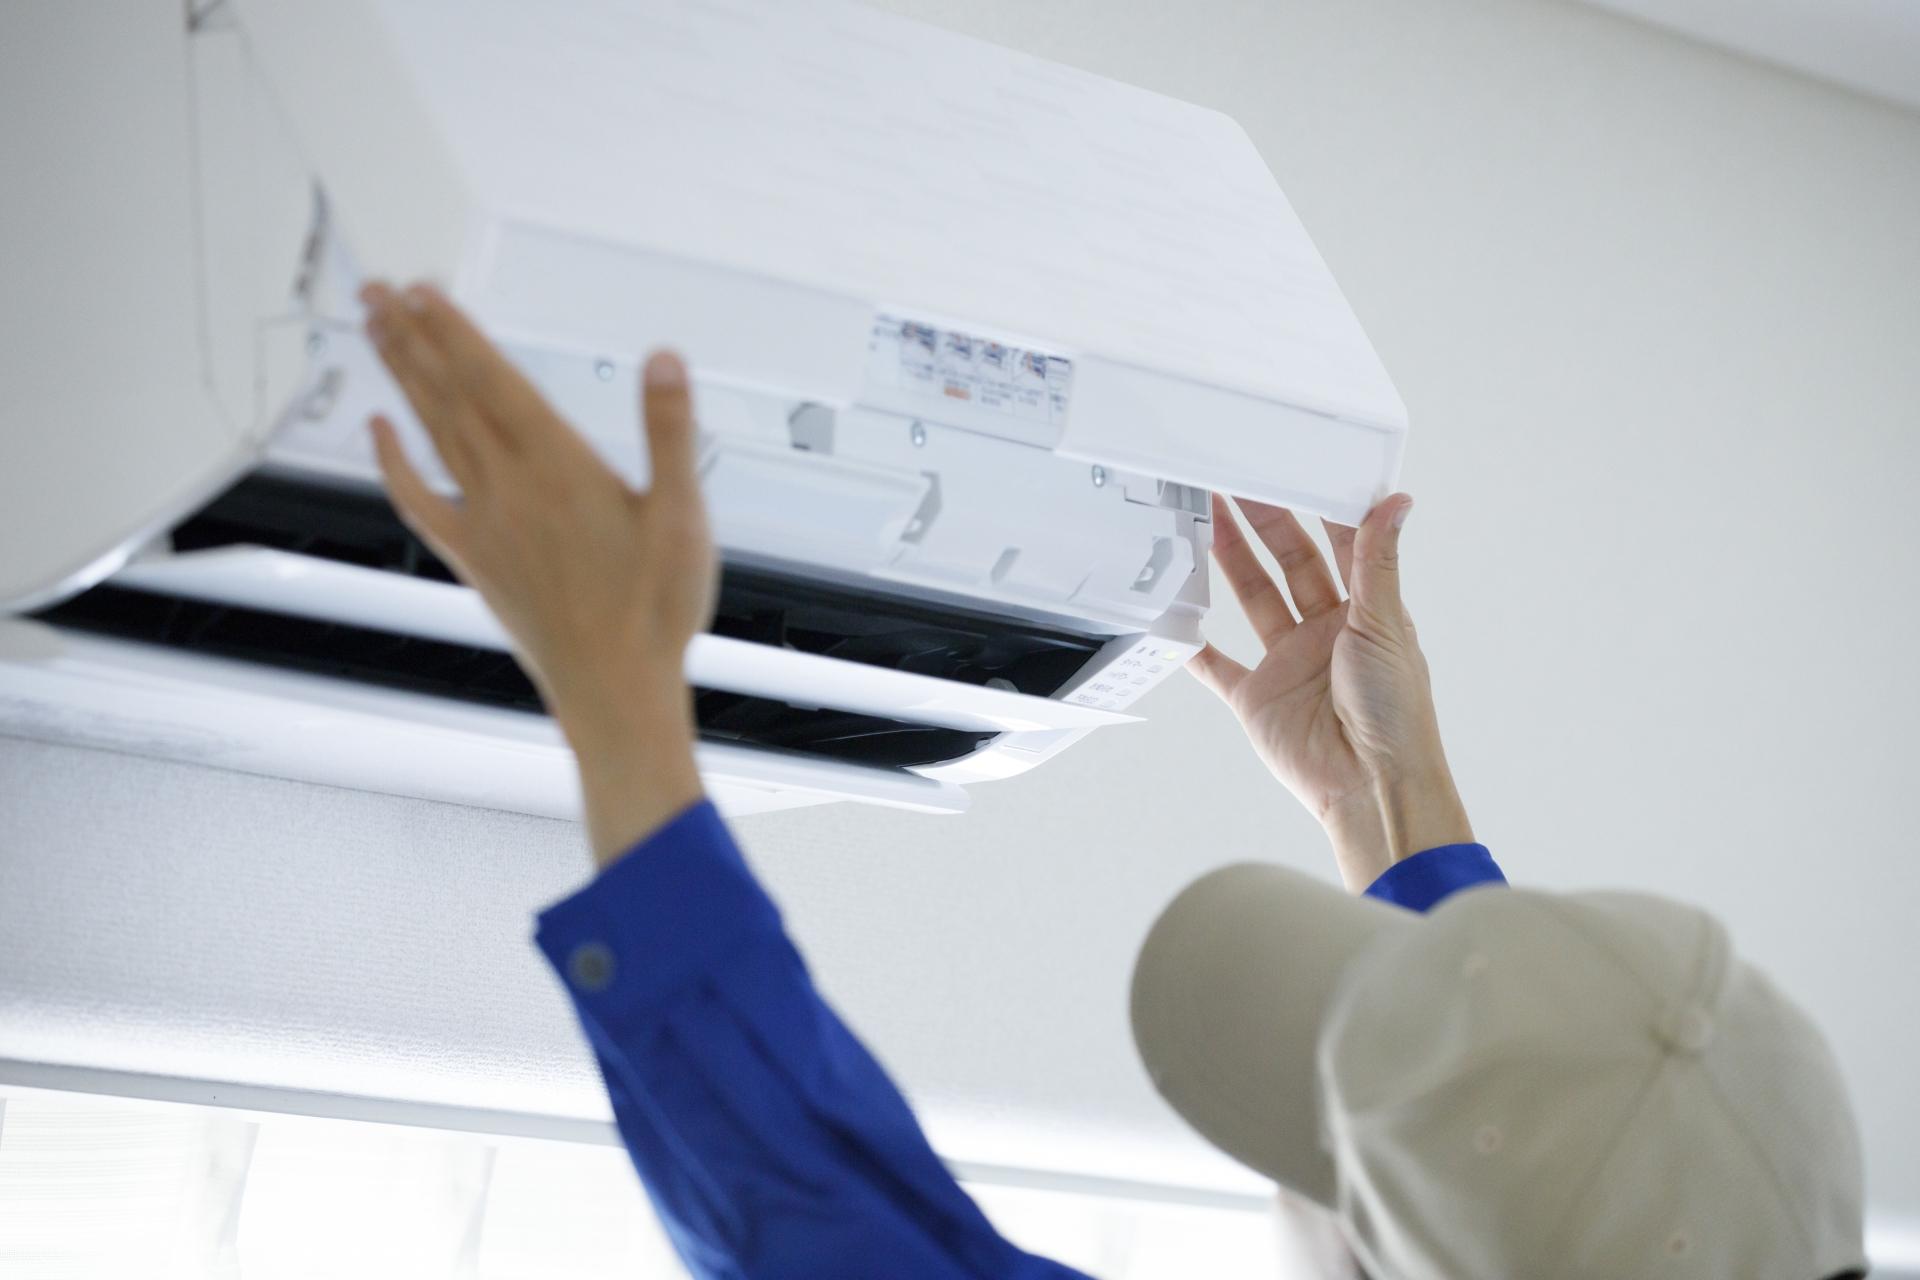 エアコン掃除の方法とおすすめ道具8選【2020年版】